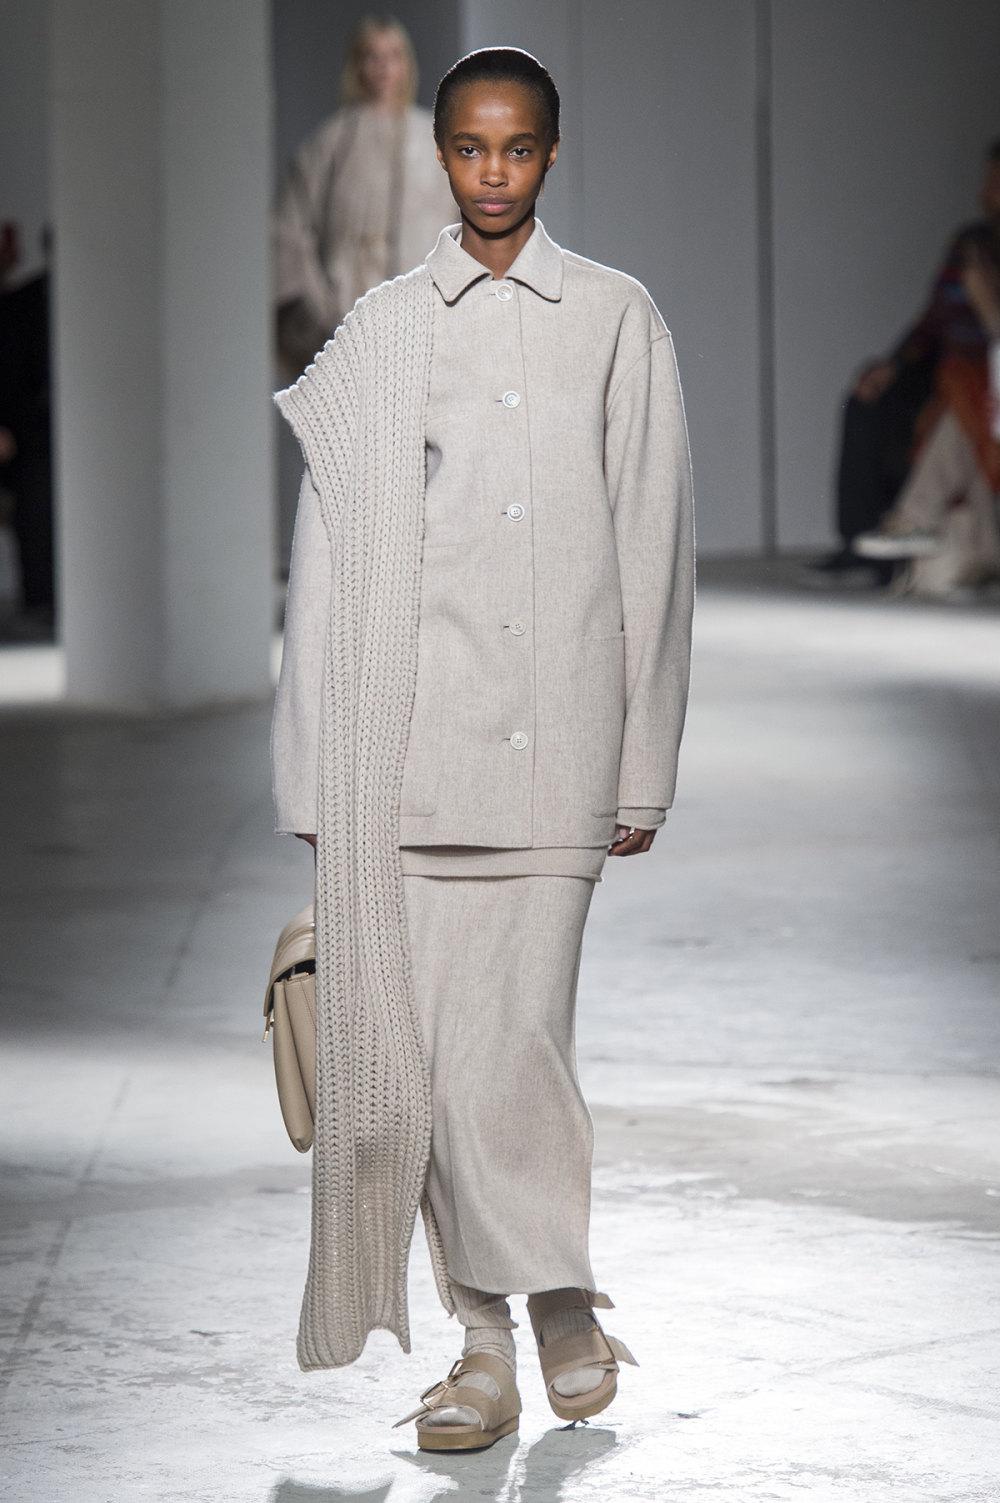 Agnona时装系列有纹理外套长而瘦有些穿着浴袍宽腿裤套装有巧克力-6.jpg